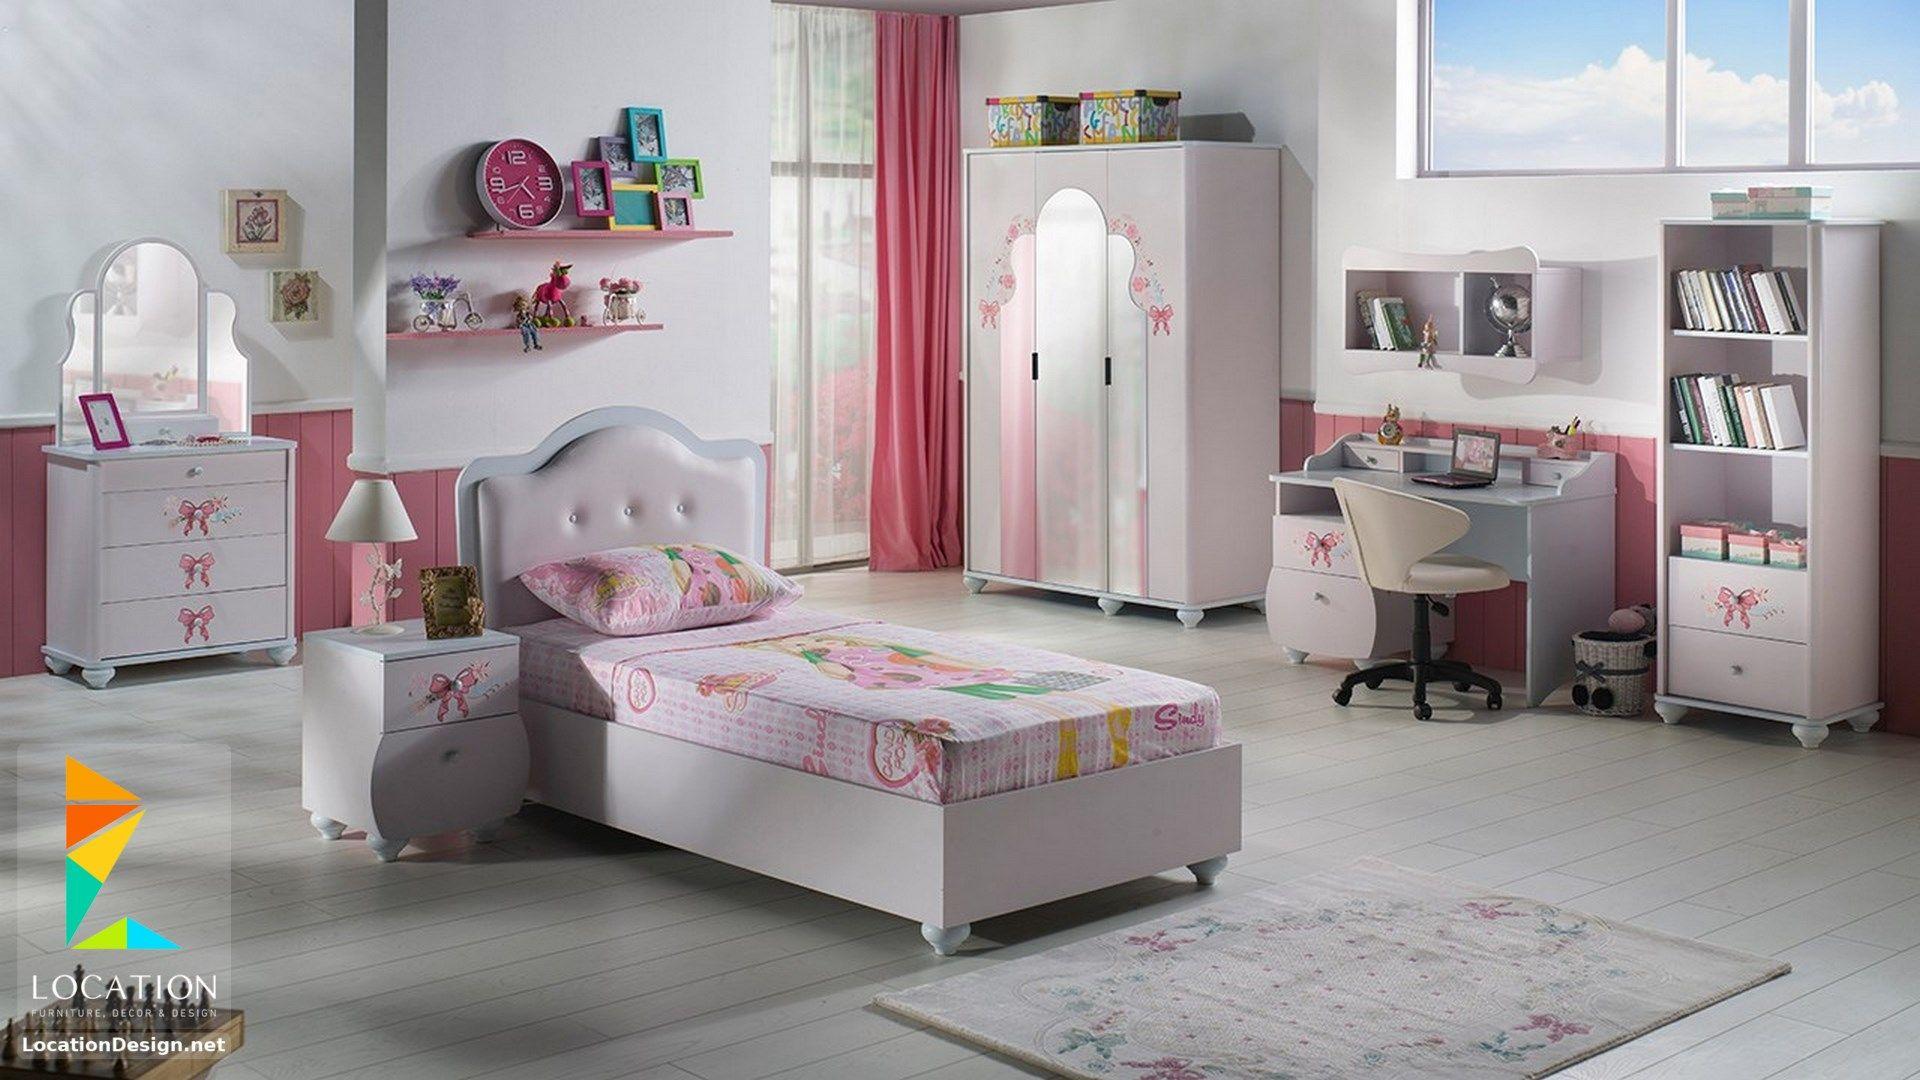 اليكم مجموعة متميزة من أجمل اشكال غرف اطفال مودرن من أحدث موديلات غرف نوم الأطفال 2019 بتصميمات عصرية حديثة و التي تتناسب مع ا Shabby Chic Room Room Room Set